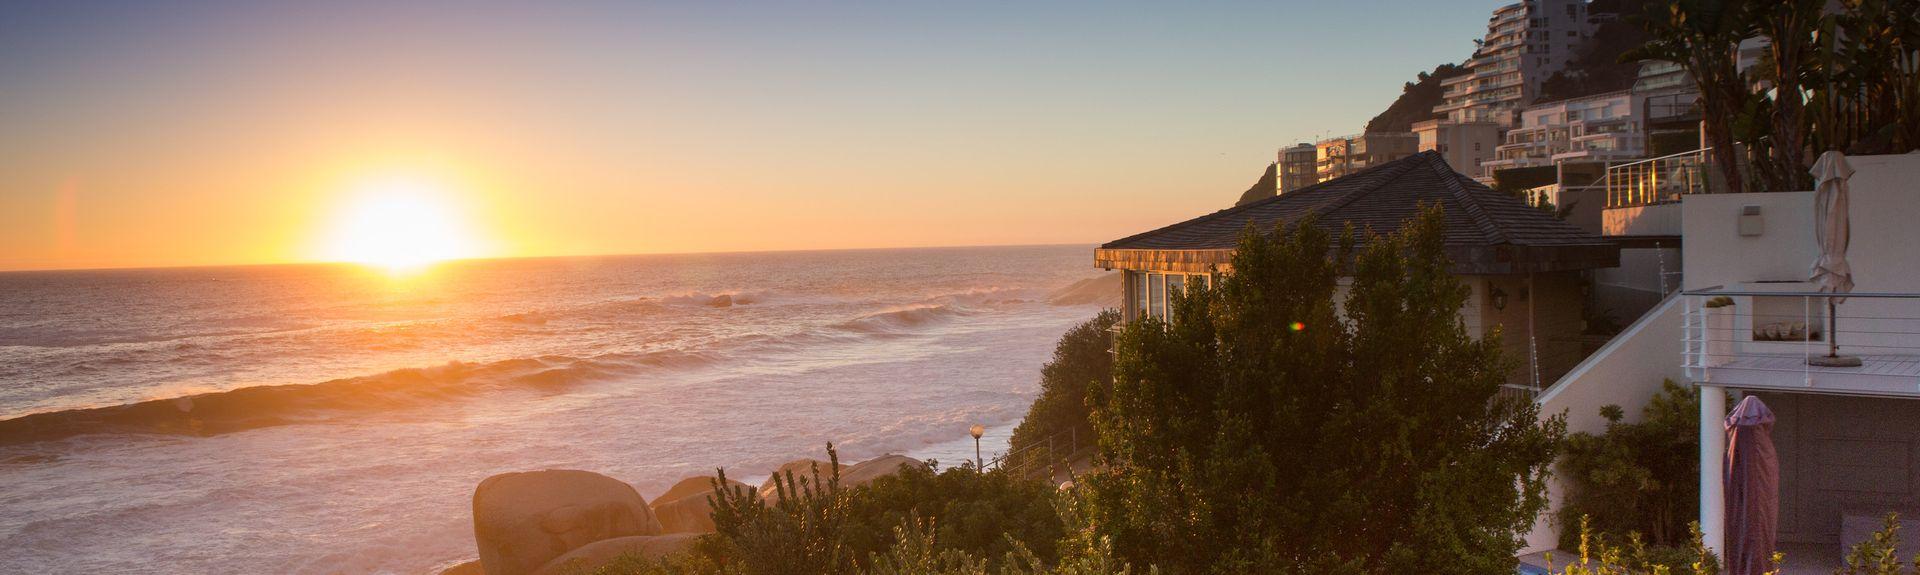 De Waal Park, Kapsztad, Prowincja Przylądkowa Zachodnia, Republika Południowej Afryki